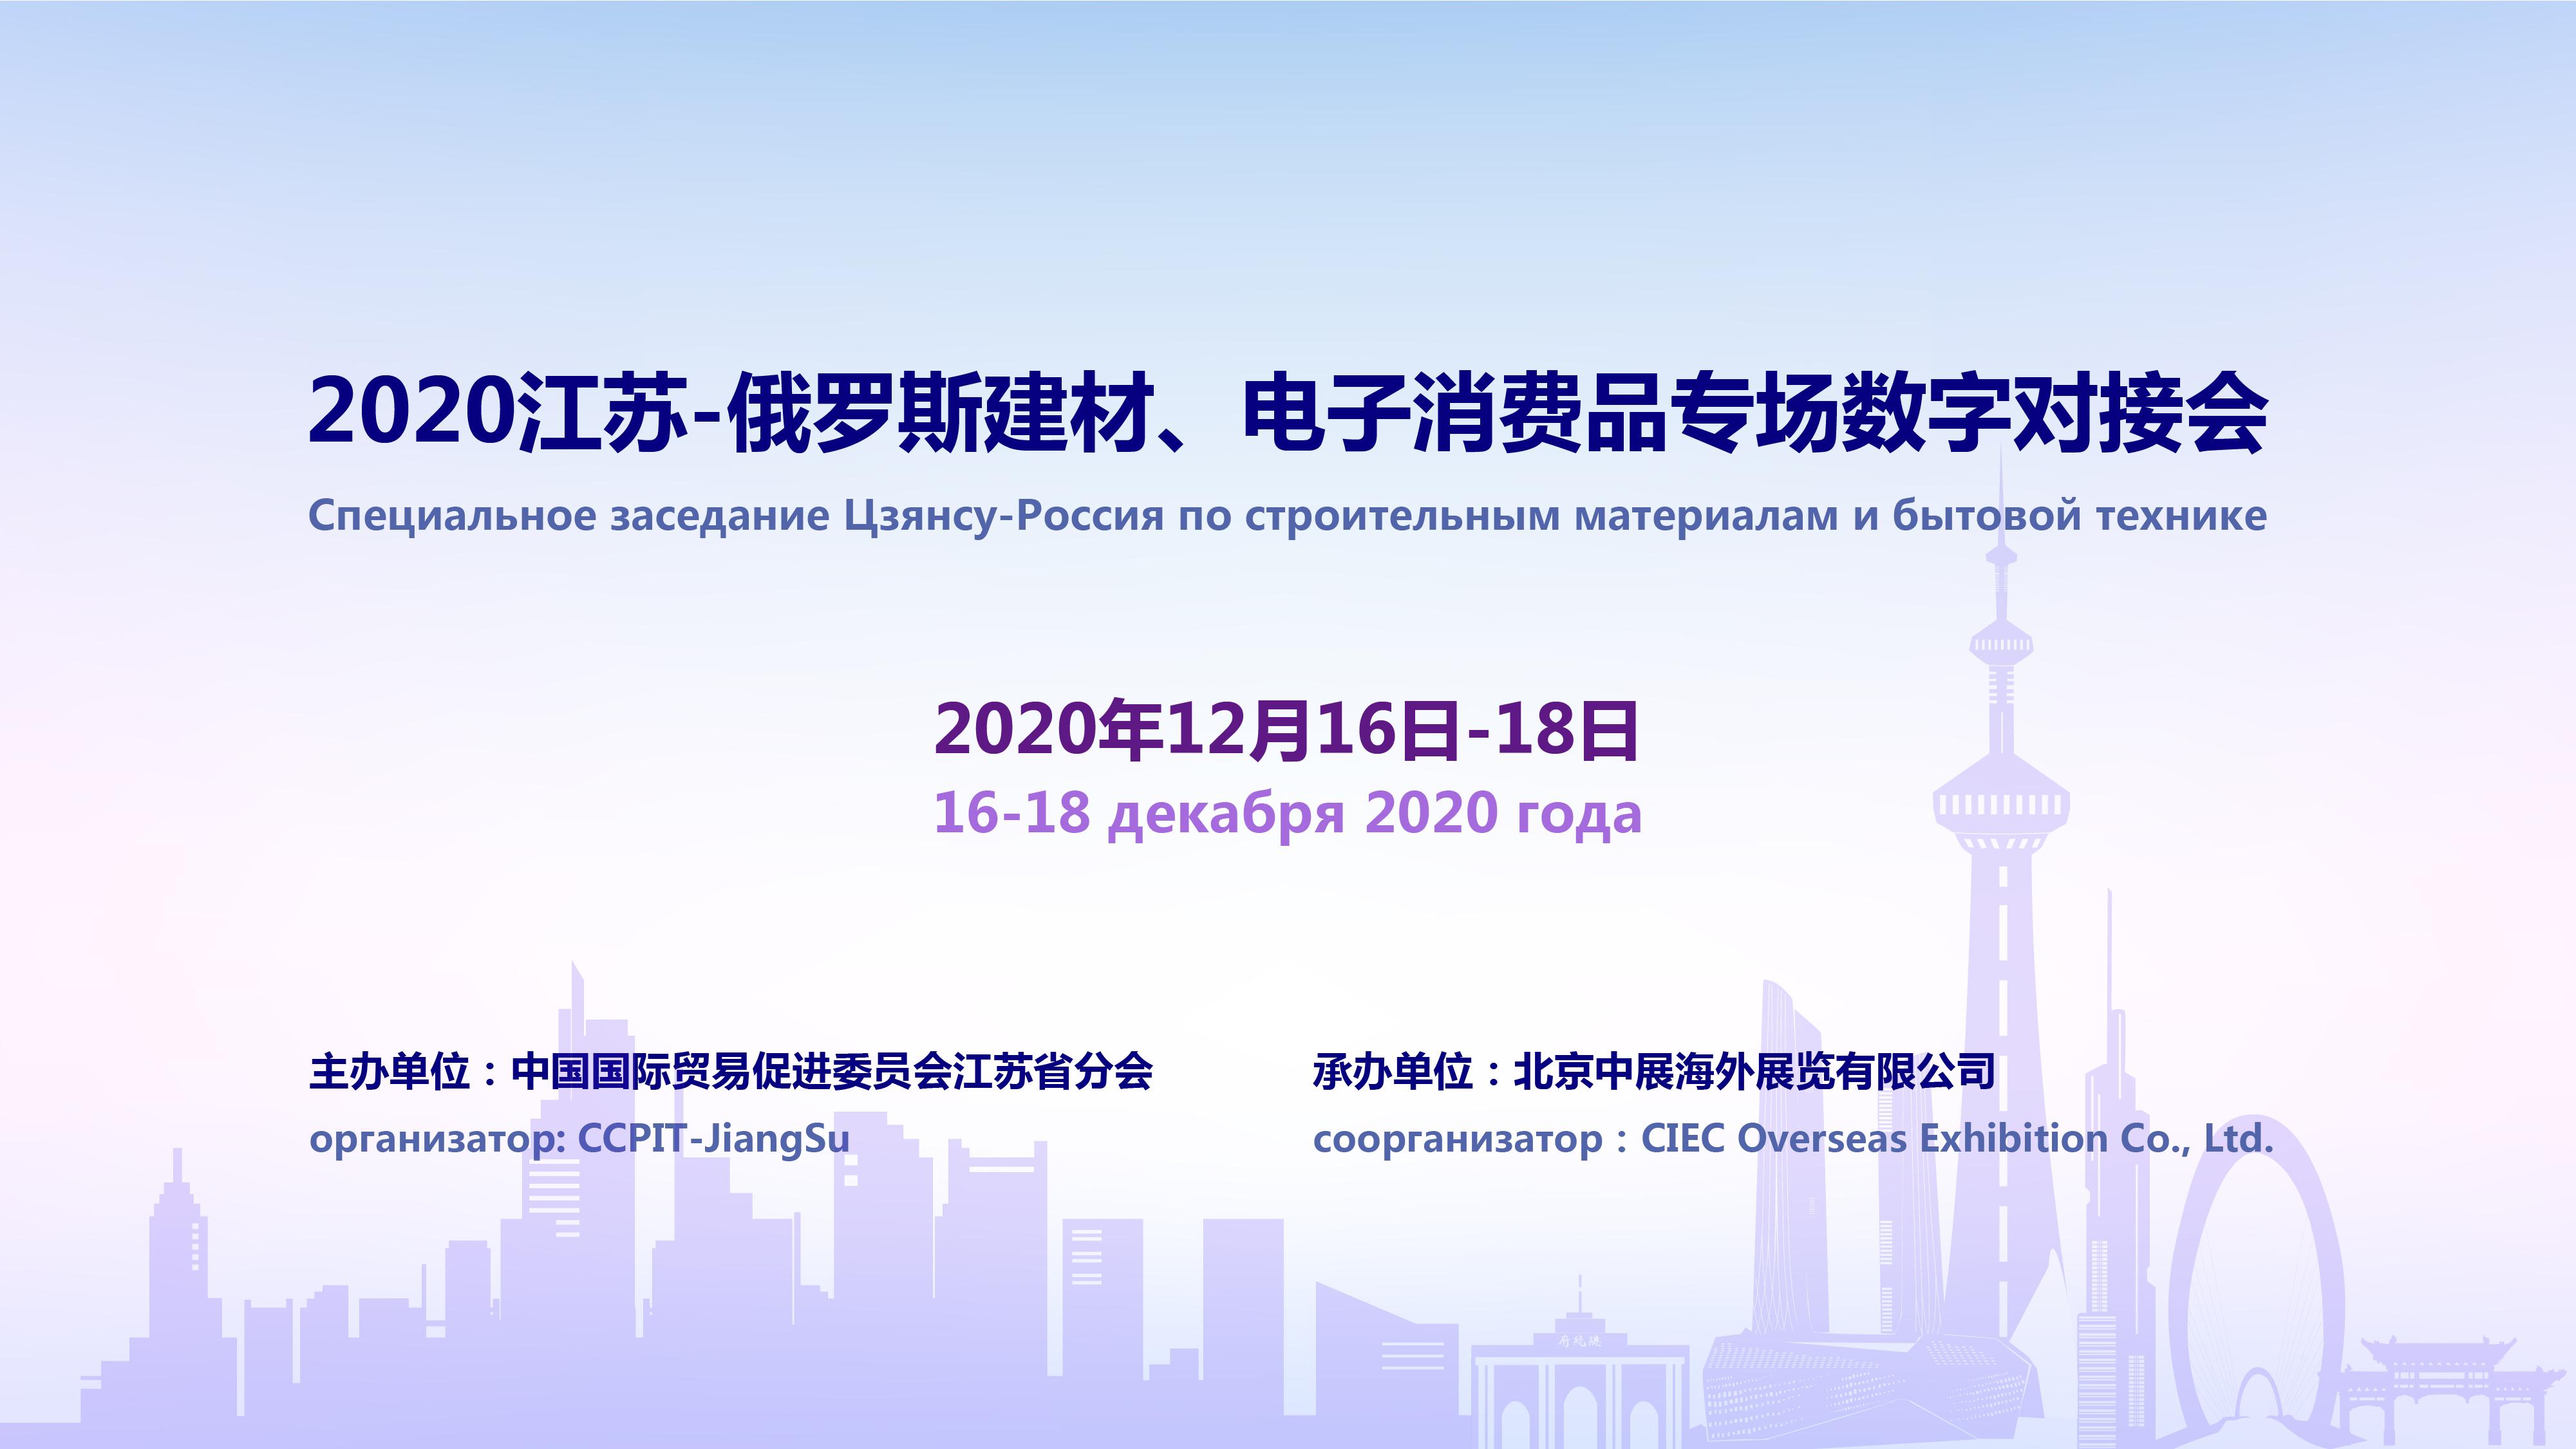 2020江苏-俄罗斯建材、电子消费品专场数字对接会